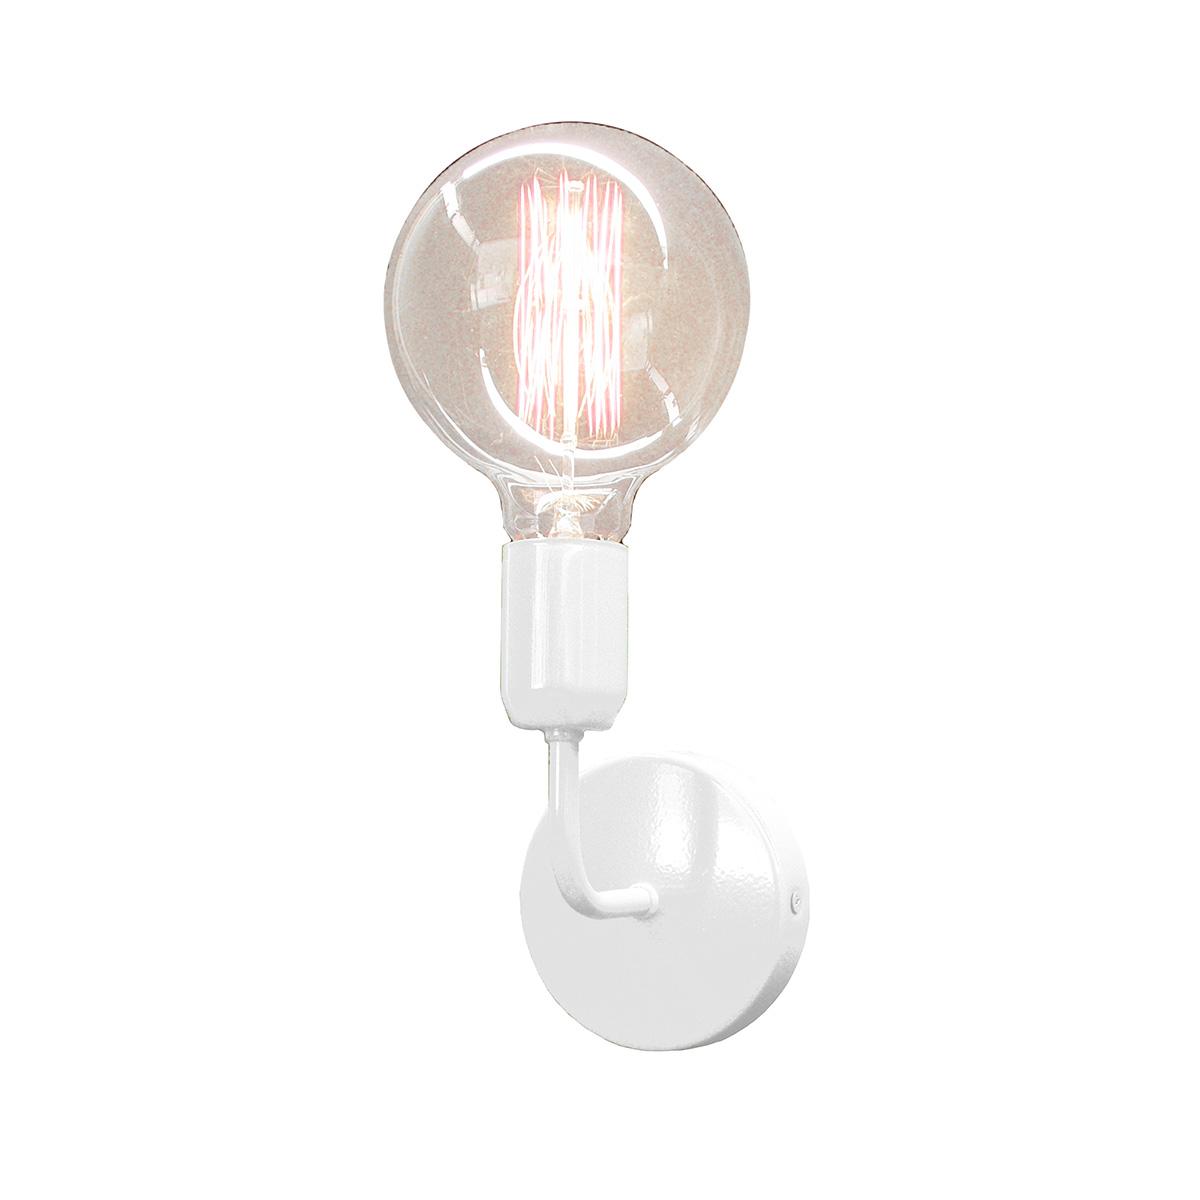 Άσπρο φωτιστικό τοίχου ΛΑΜΠΕΣ white wall lamp